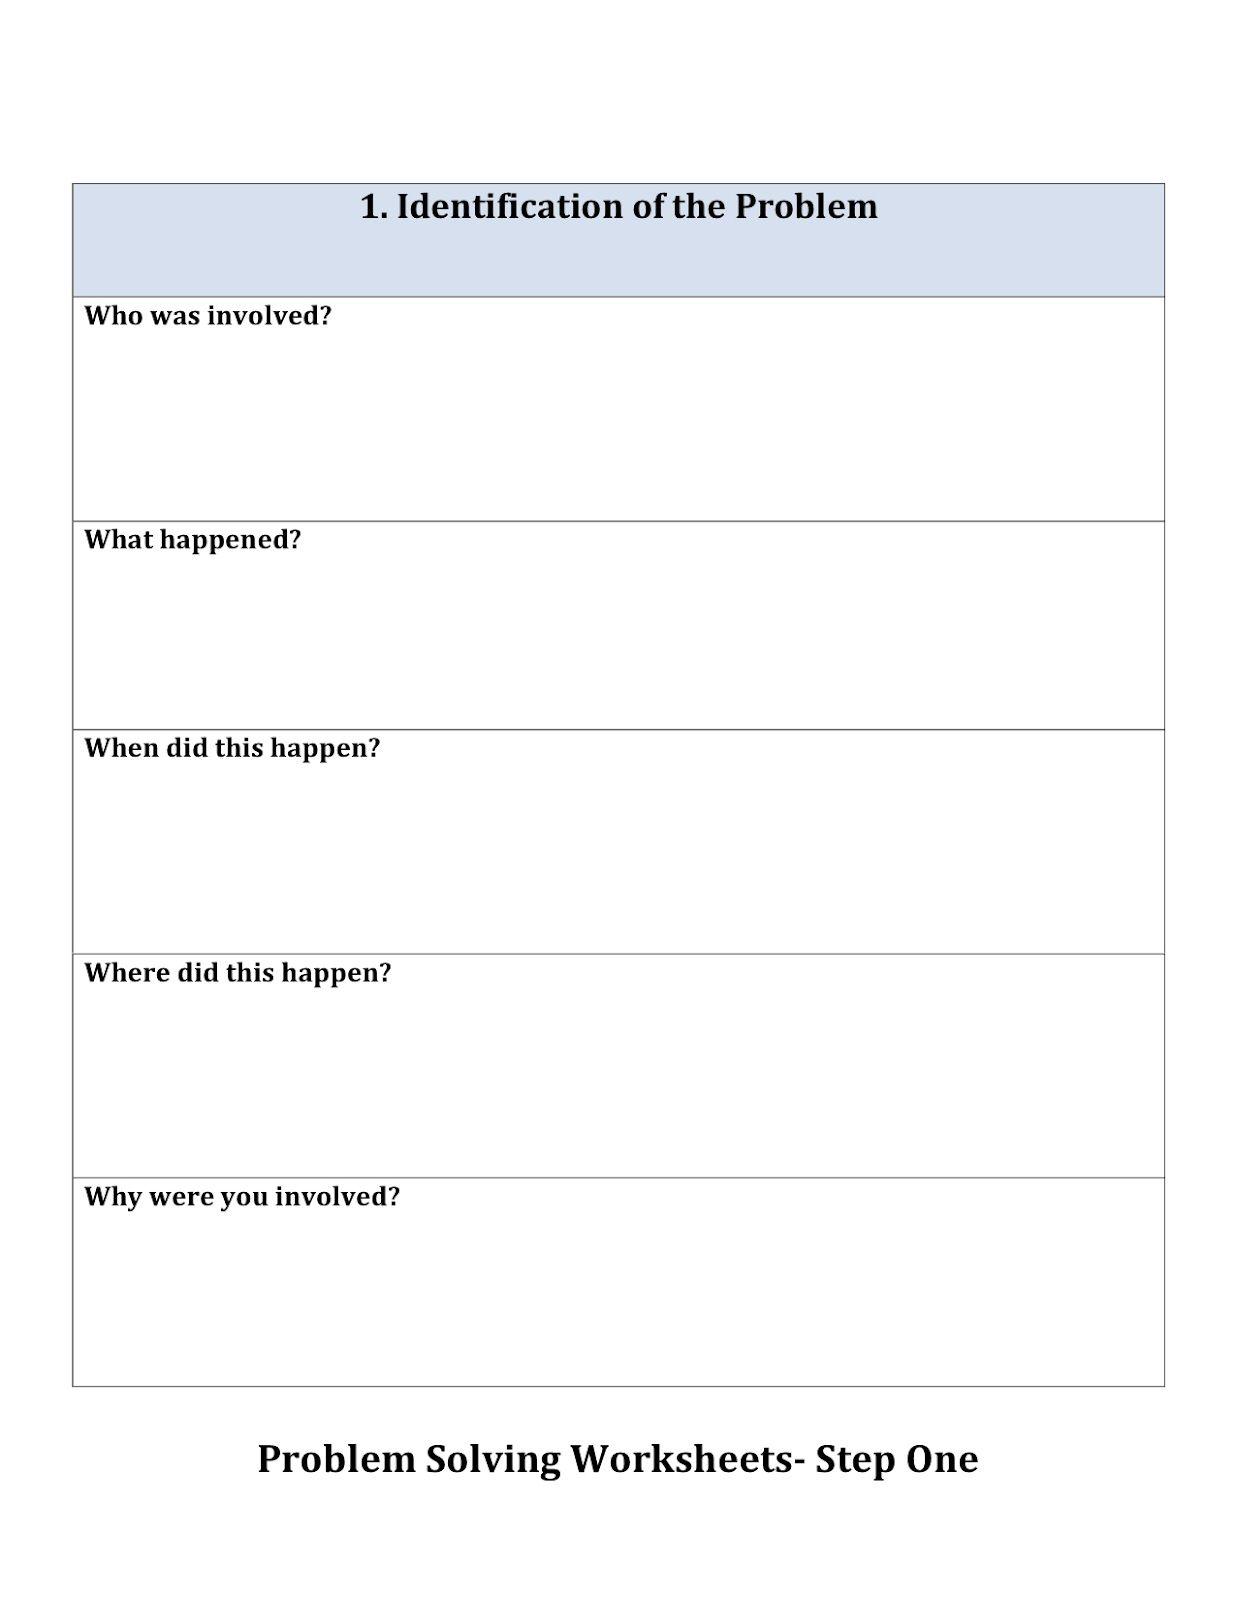 Worksheets Social Problem Solving Worksheets problemsolvingworksheets1 jpg pixels counseling pixels